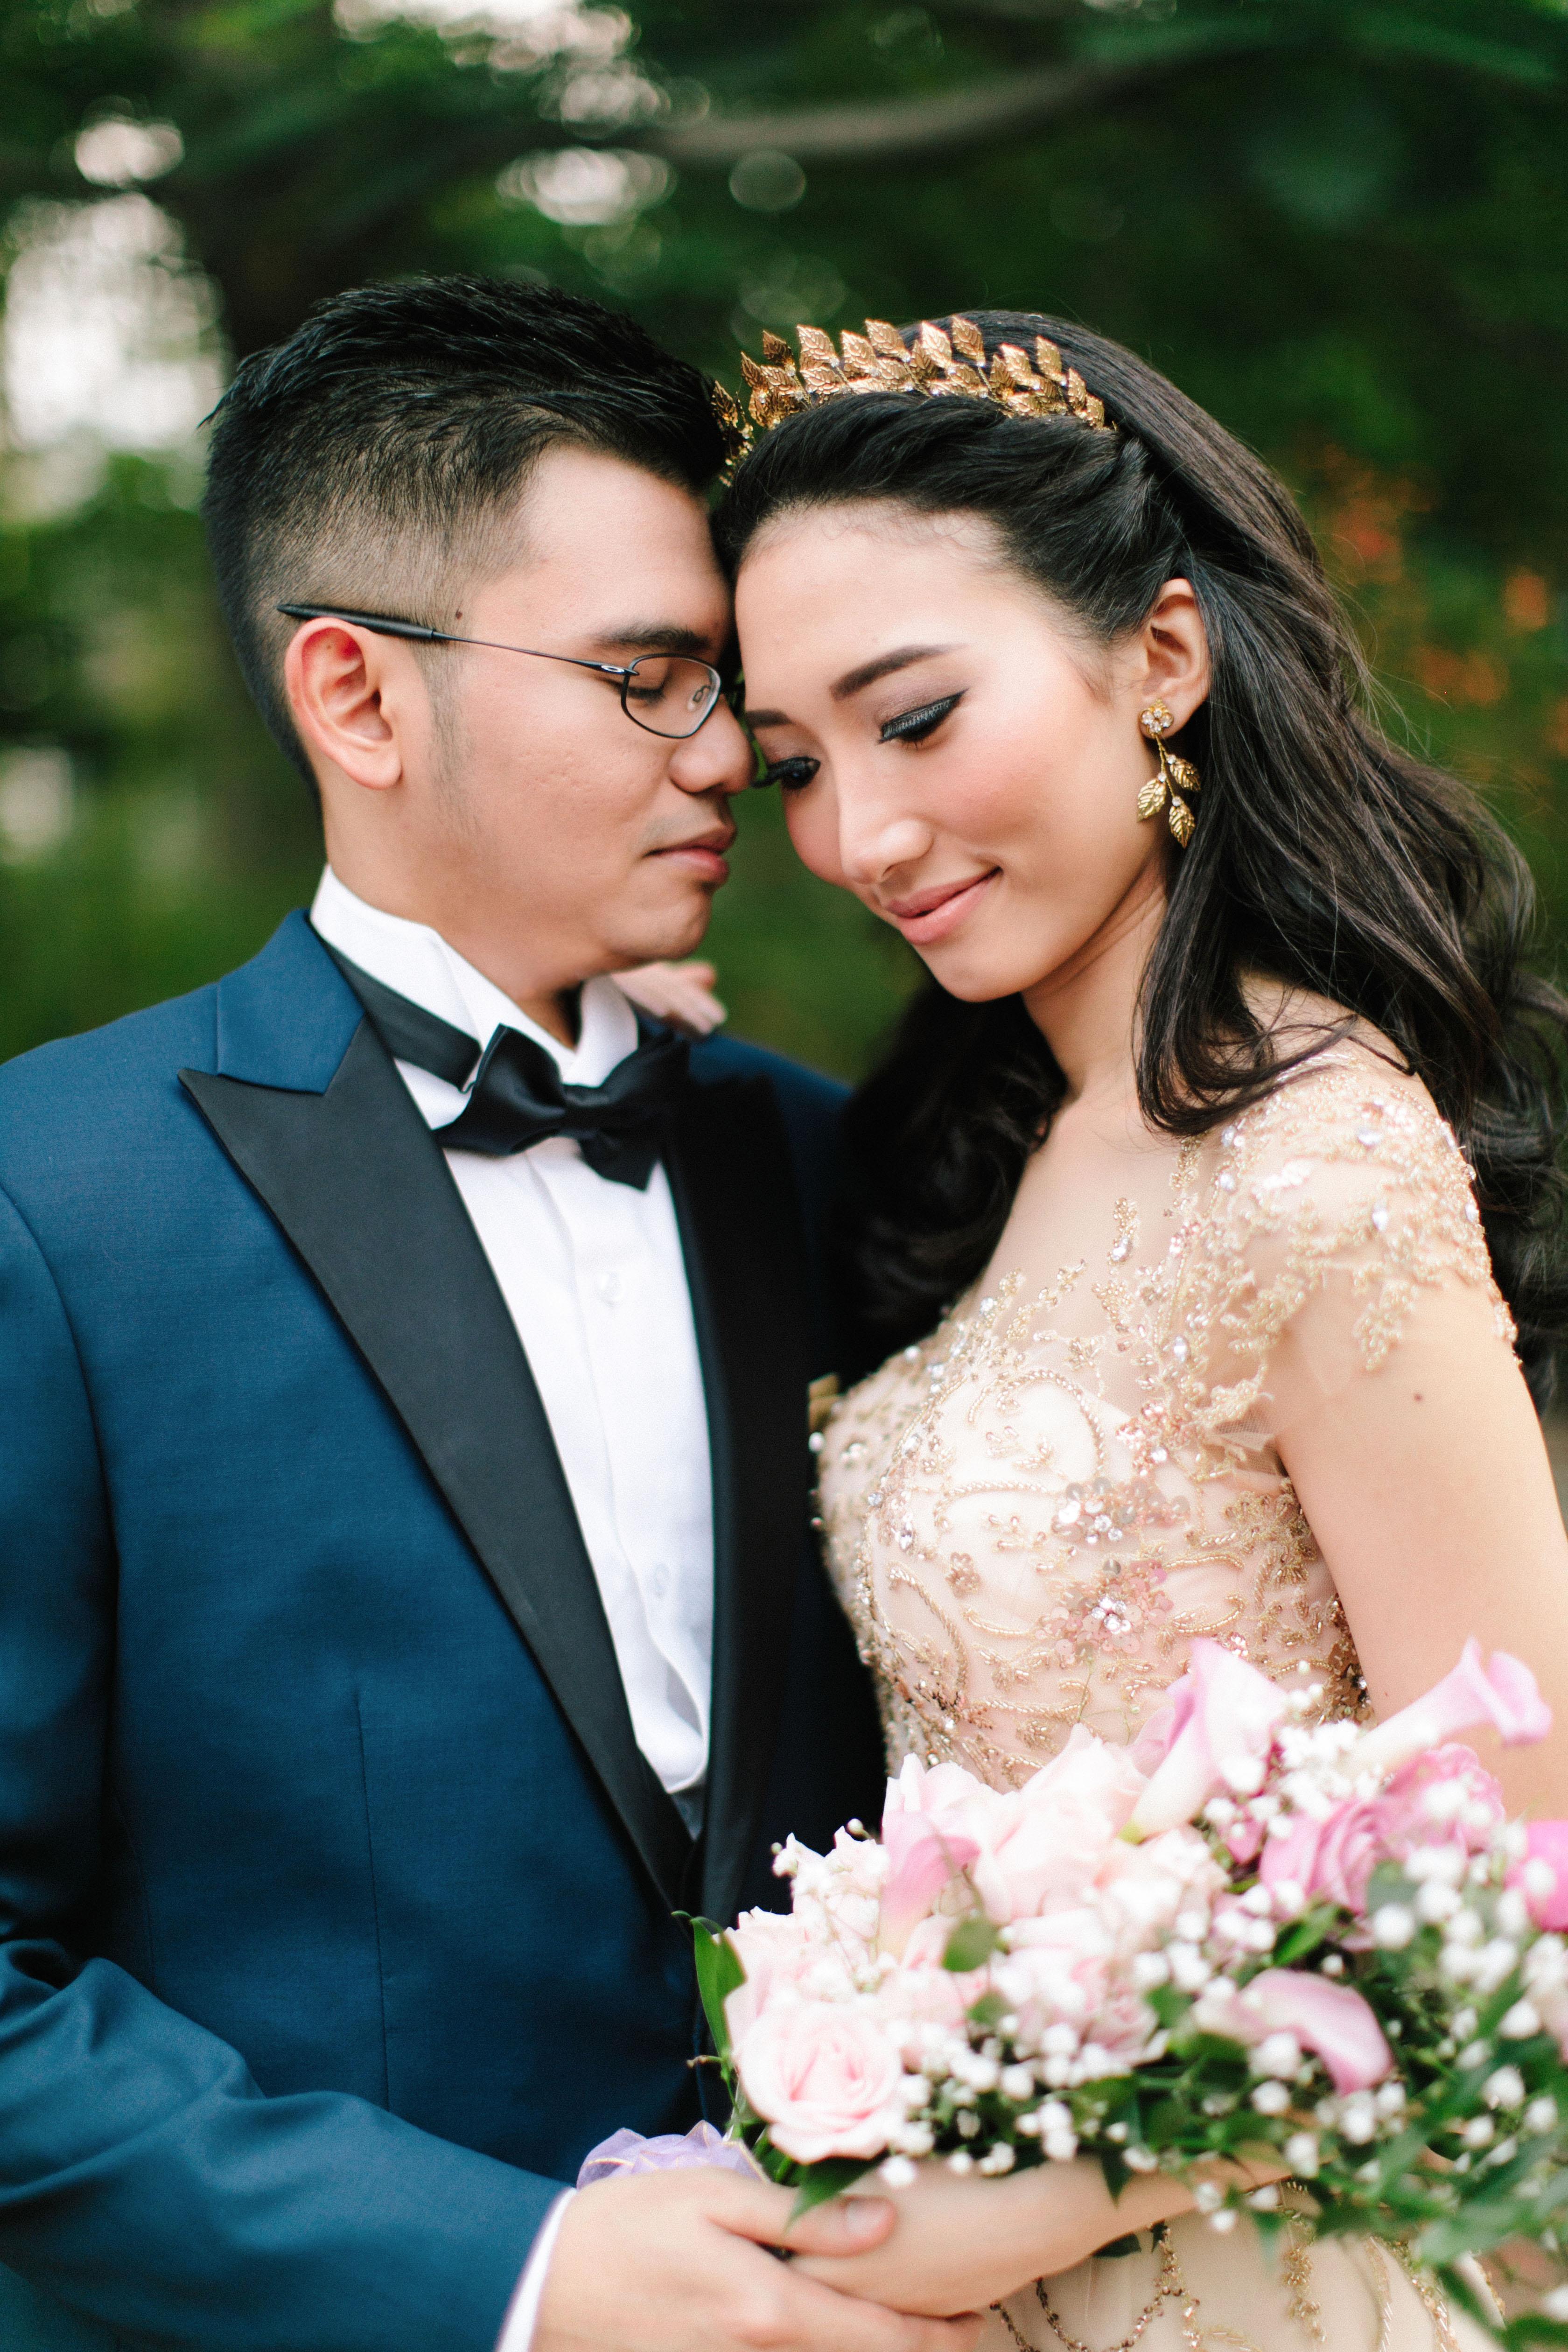 wedding couple groom blue tux bride holding bouquet